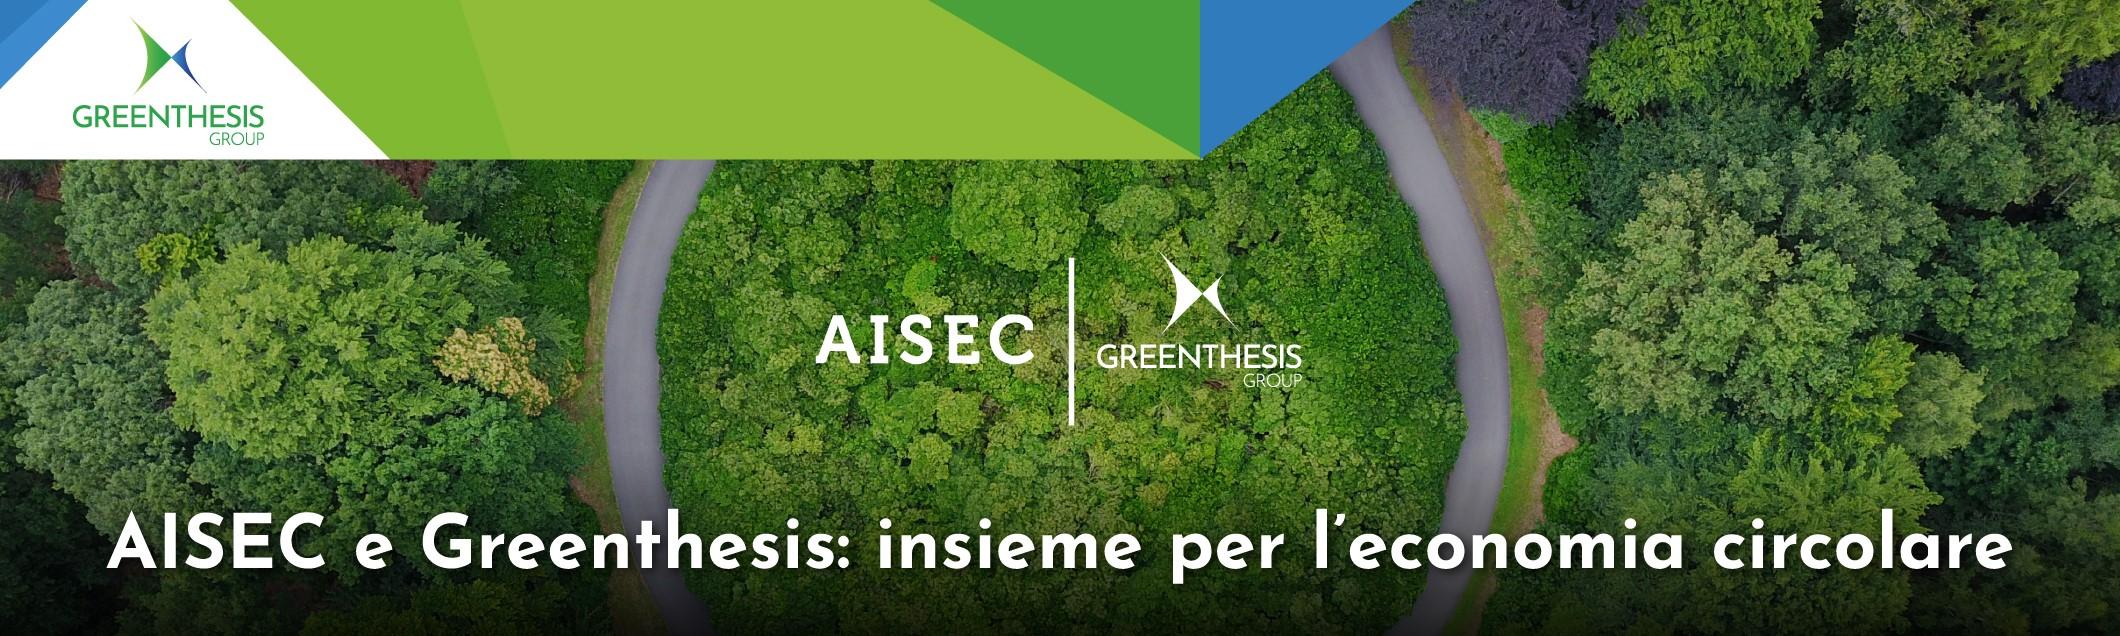 AISEC e Greenthesis: insieme per l'economia circolare